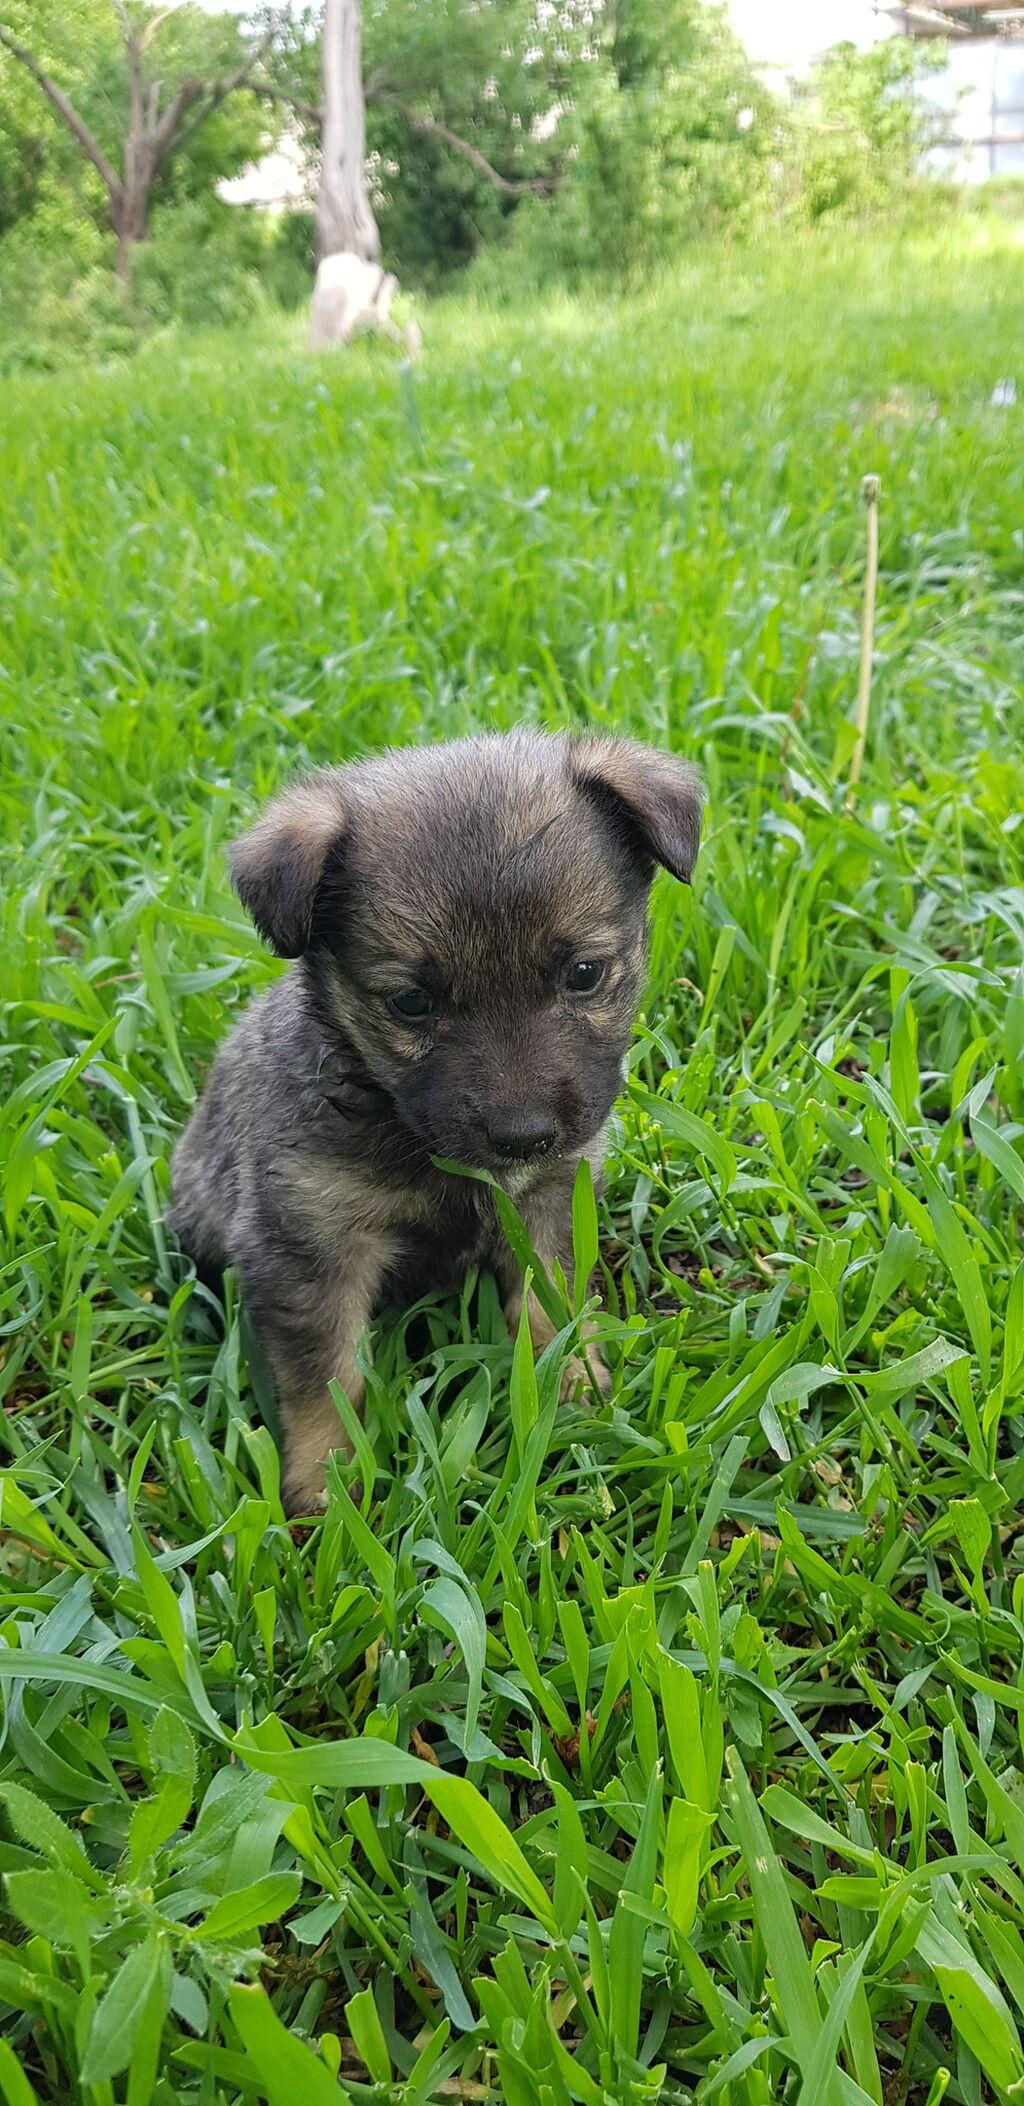 Отдам бесплатно щенка-девочку в добрые руки. Возраст 1,5 месяца: Отдам бесплатно  щенка-девочку в добрые руки. Возраст 1,5 месяца,